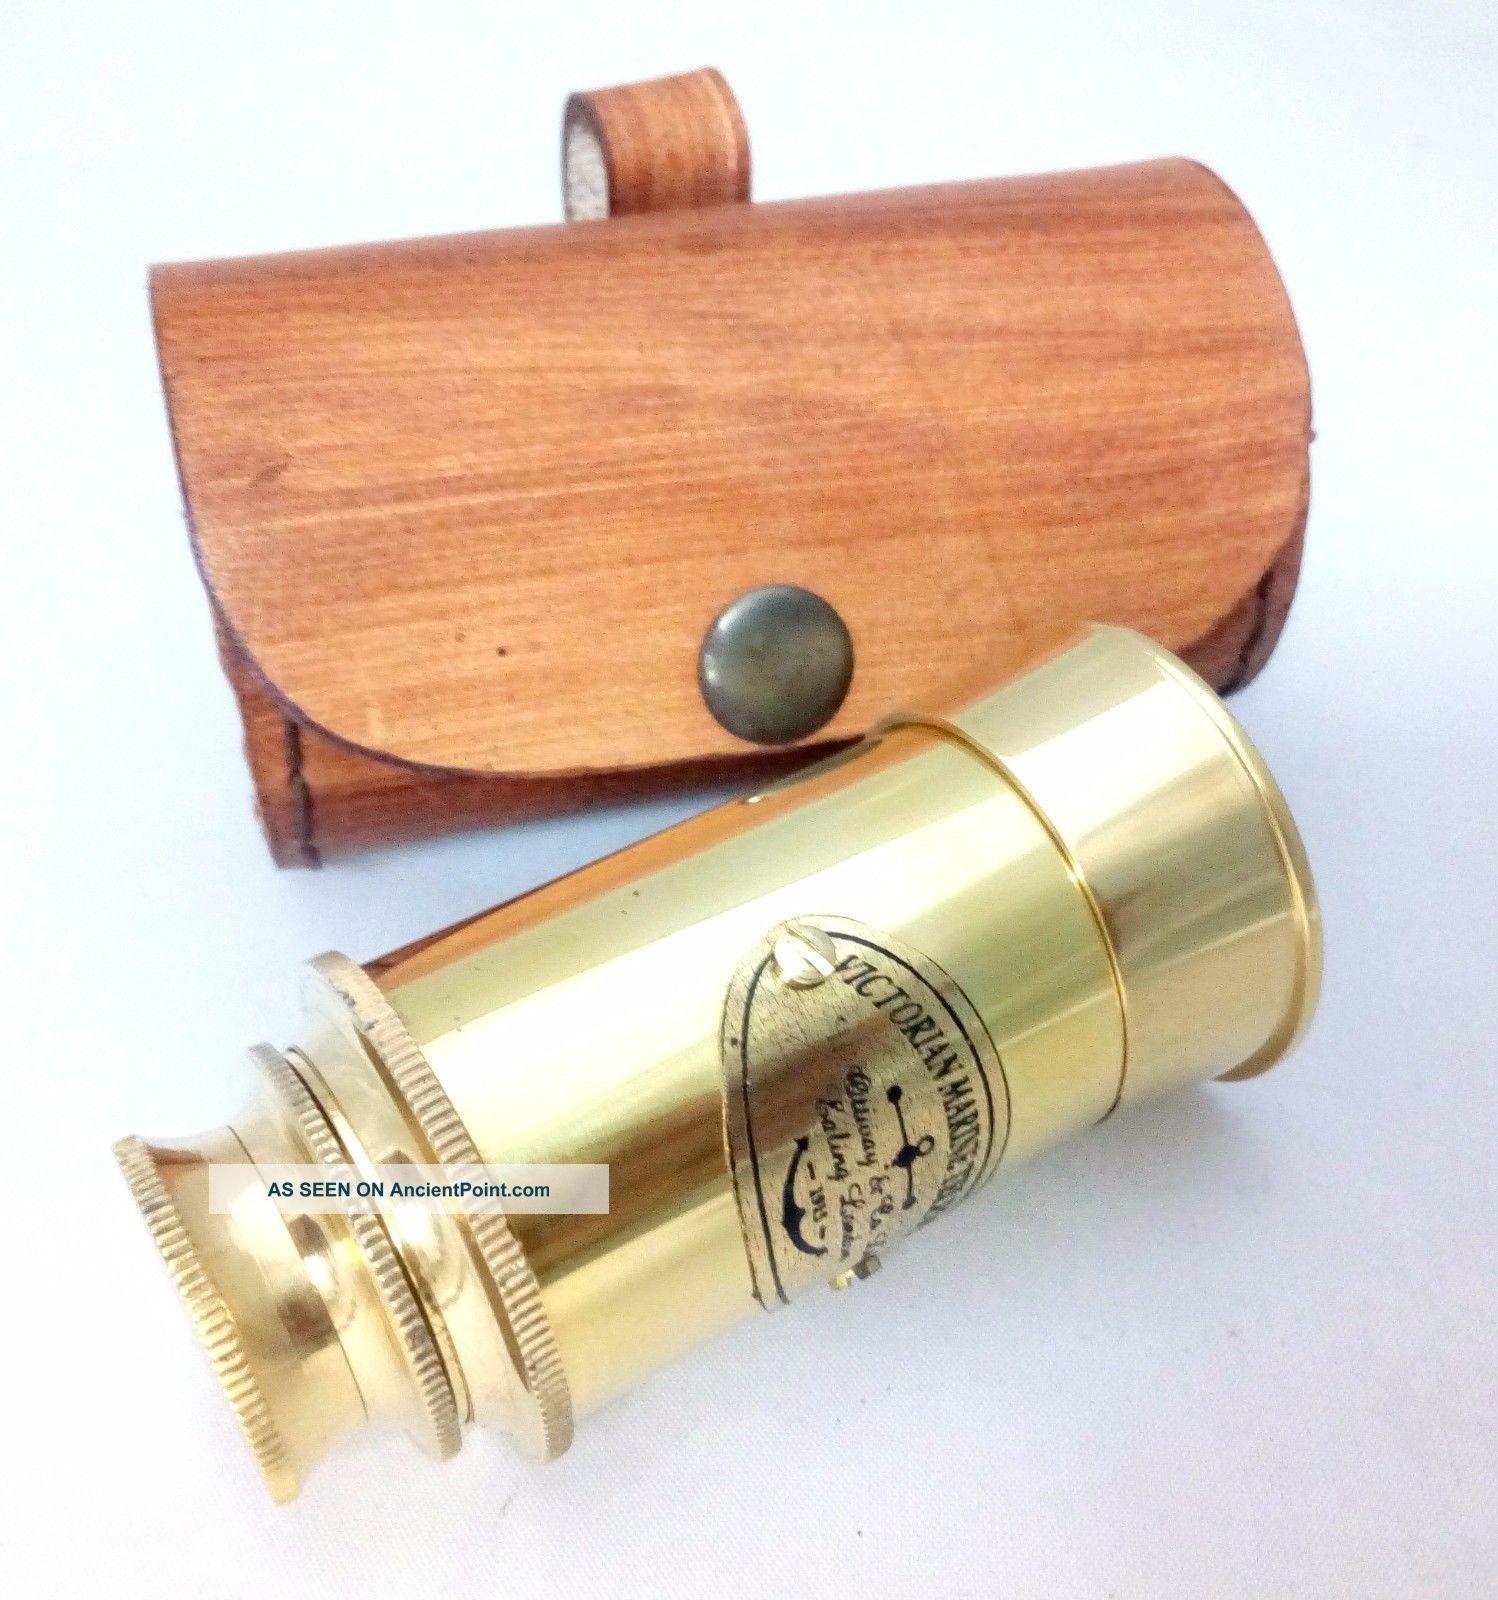 Artshai Antique Look Pirate Maritime Nautical Telescope With Leather Cas Telescopes photo